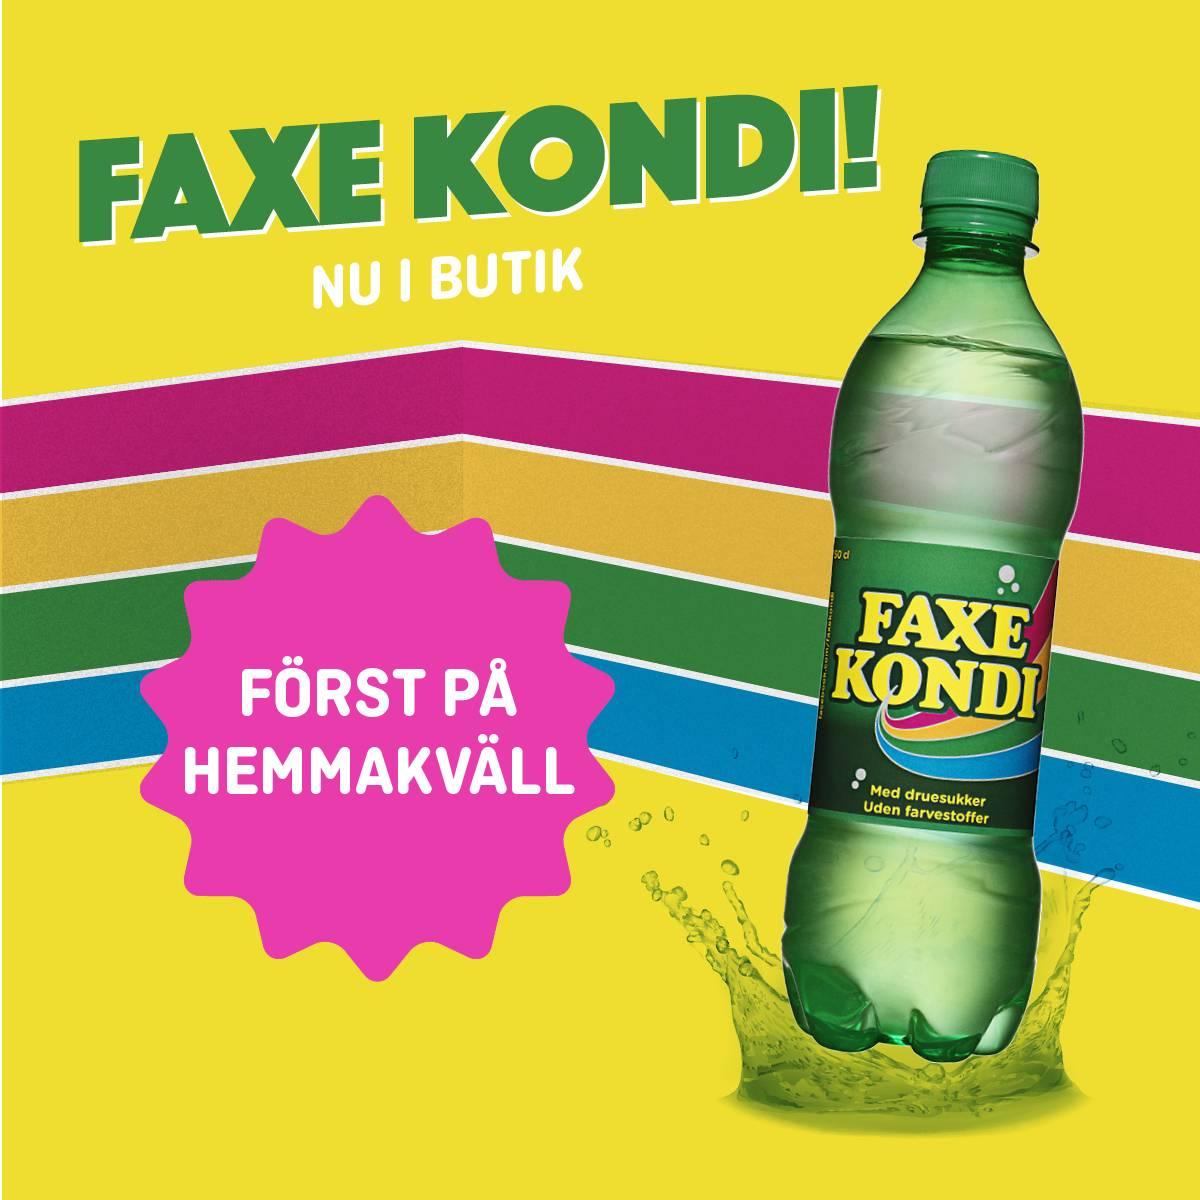 FPHK_Faxe_release_enews_1200x1200